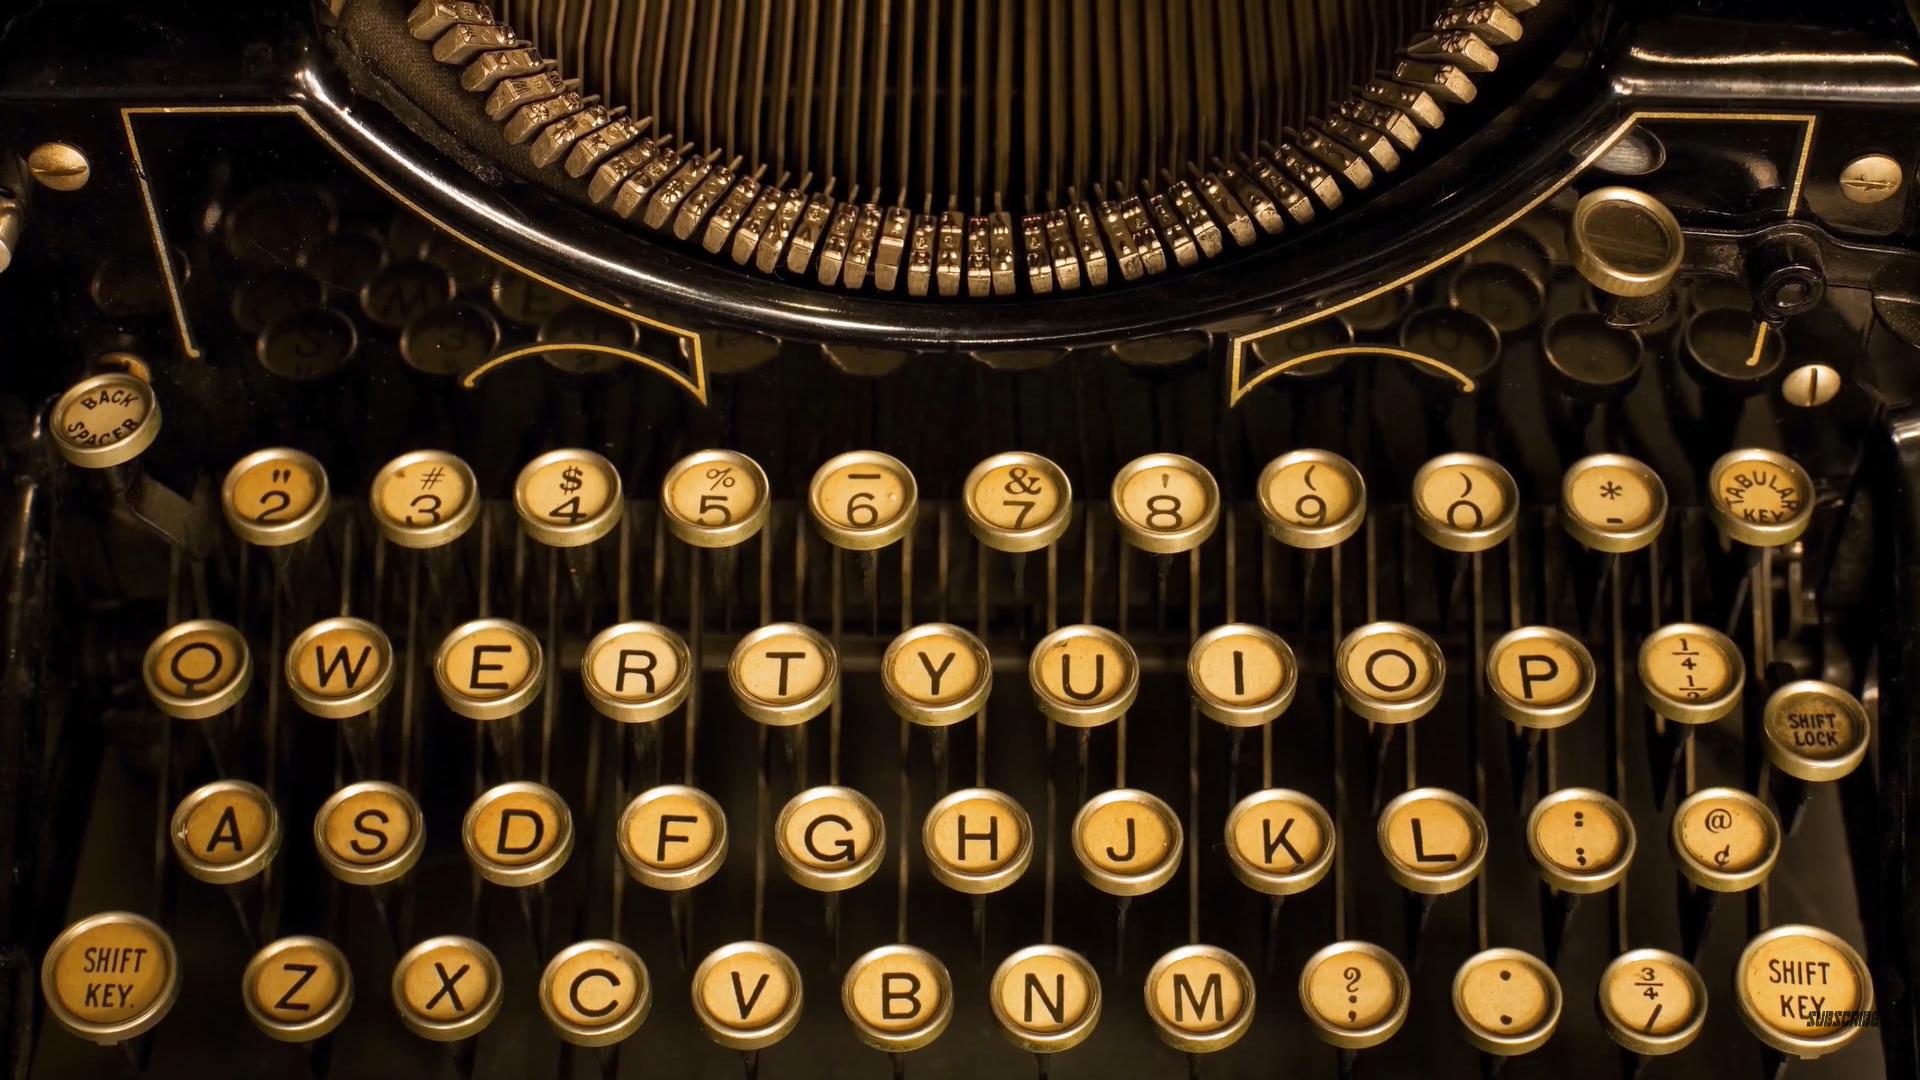 Typewriter Vintage 1920x1080